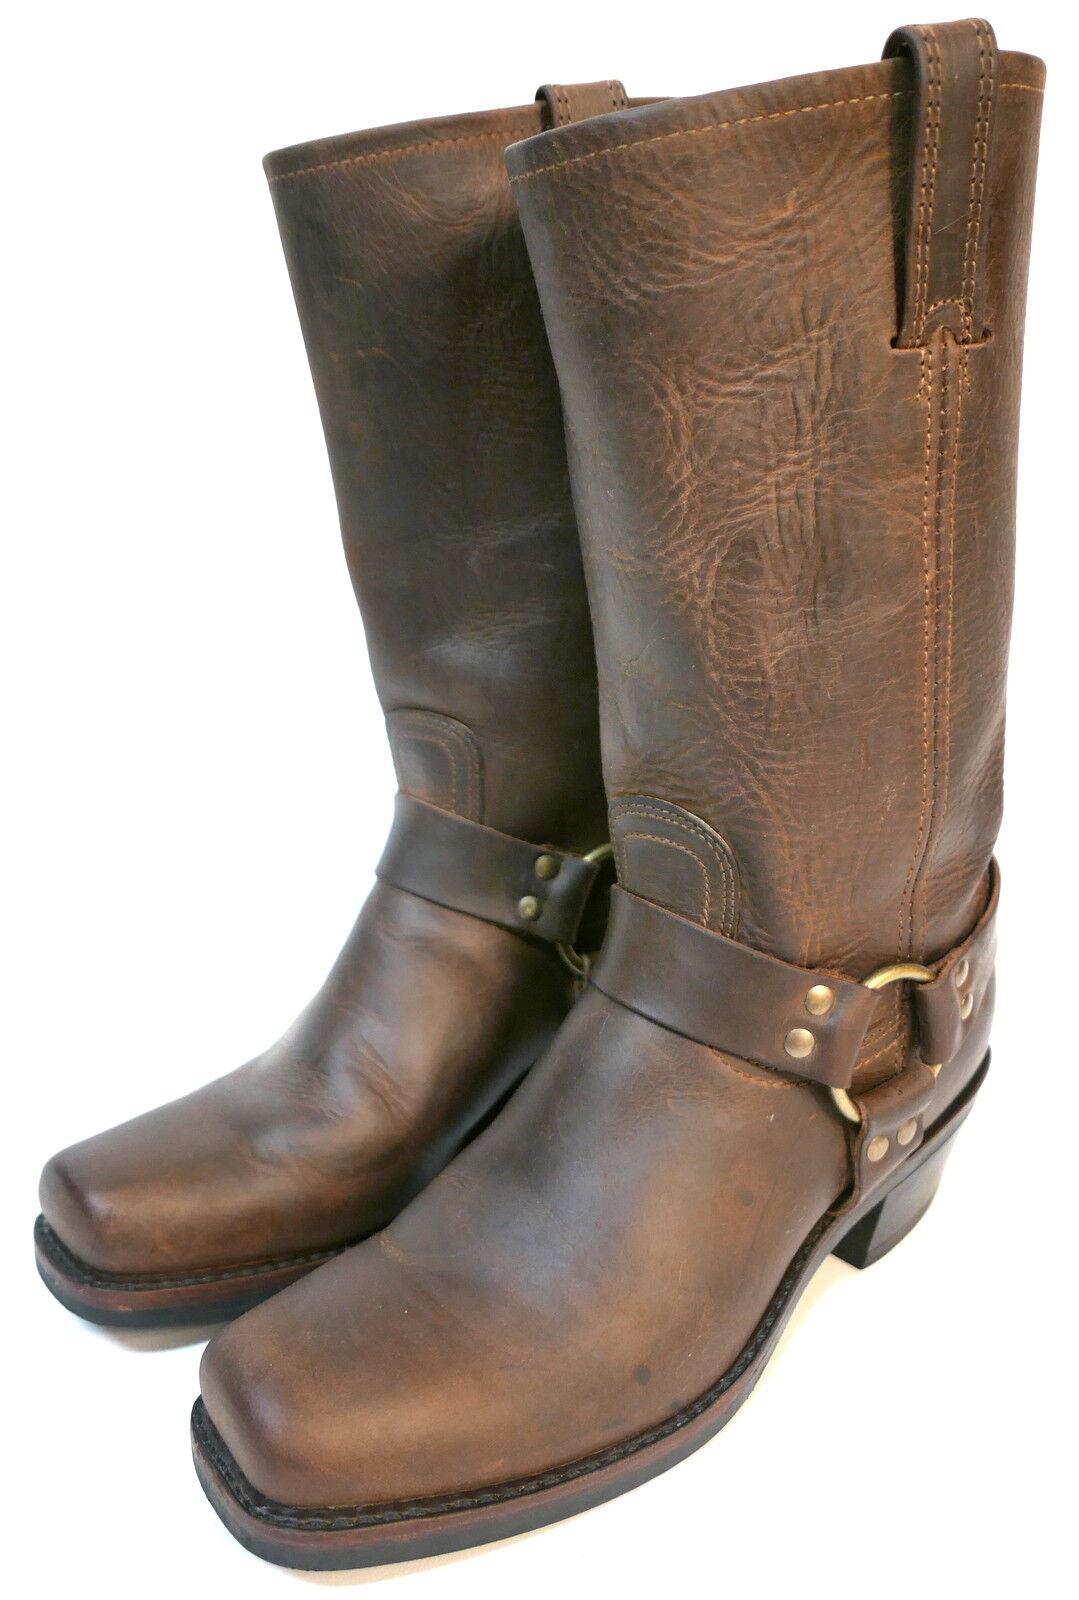 grenson scarpe taglia rispetto adidas